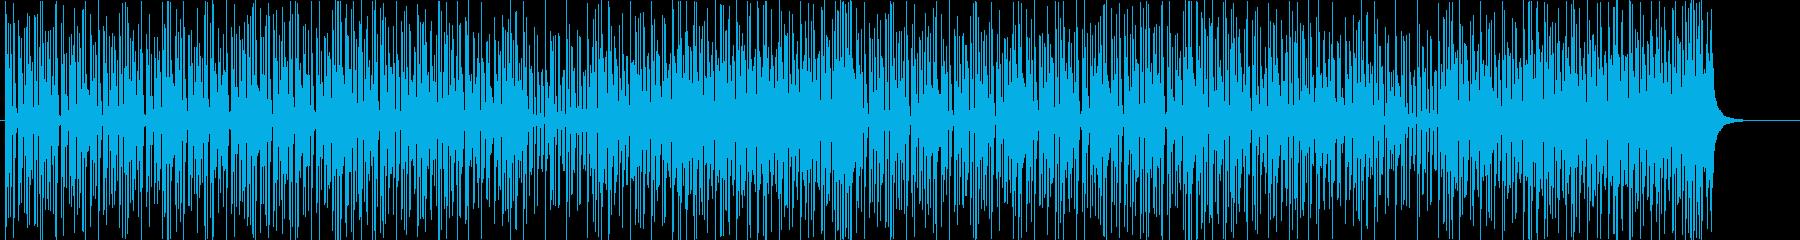 和風◆軽快な三味線のポップス風BGMの再生済みの波形